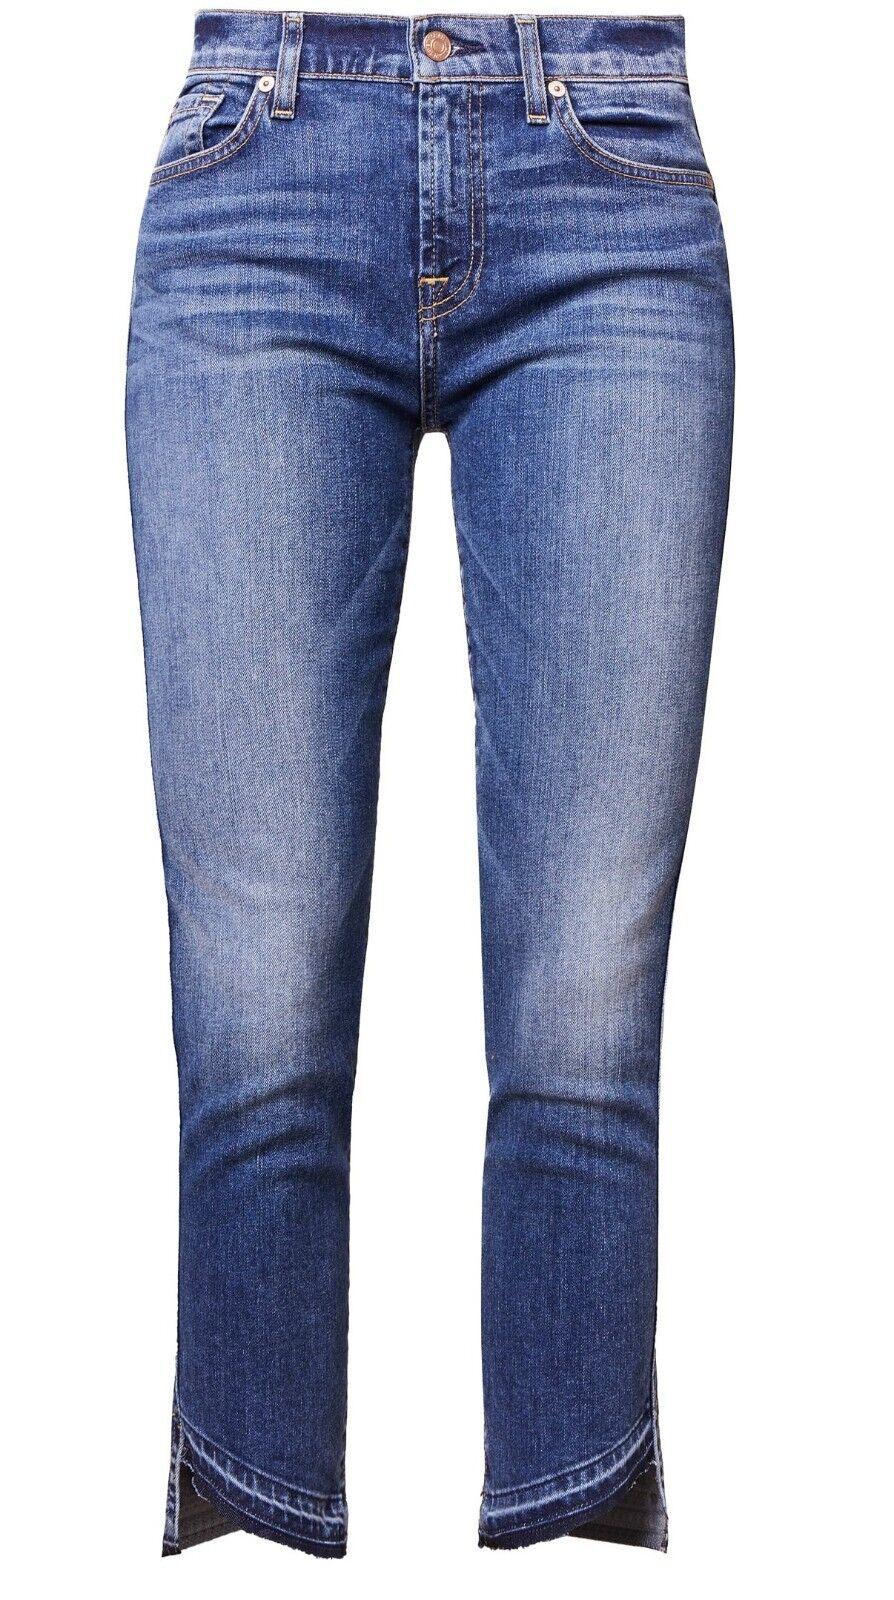 7 for all mankind ROXANNE SERRATOGA BAY Jeans Slim Fit Damen Blau W30 Neu A4165